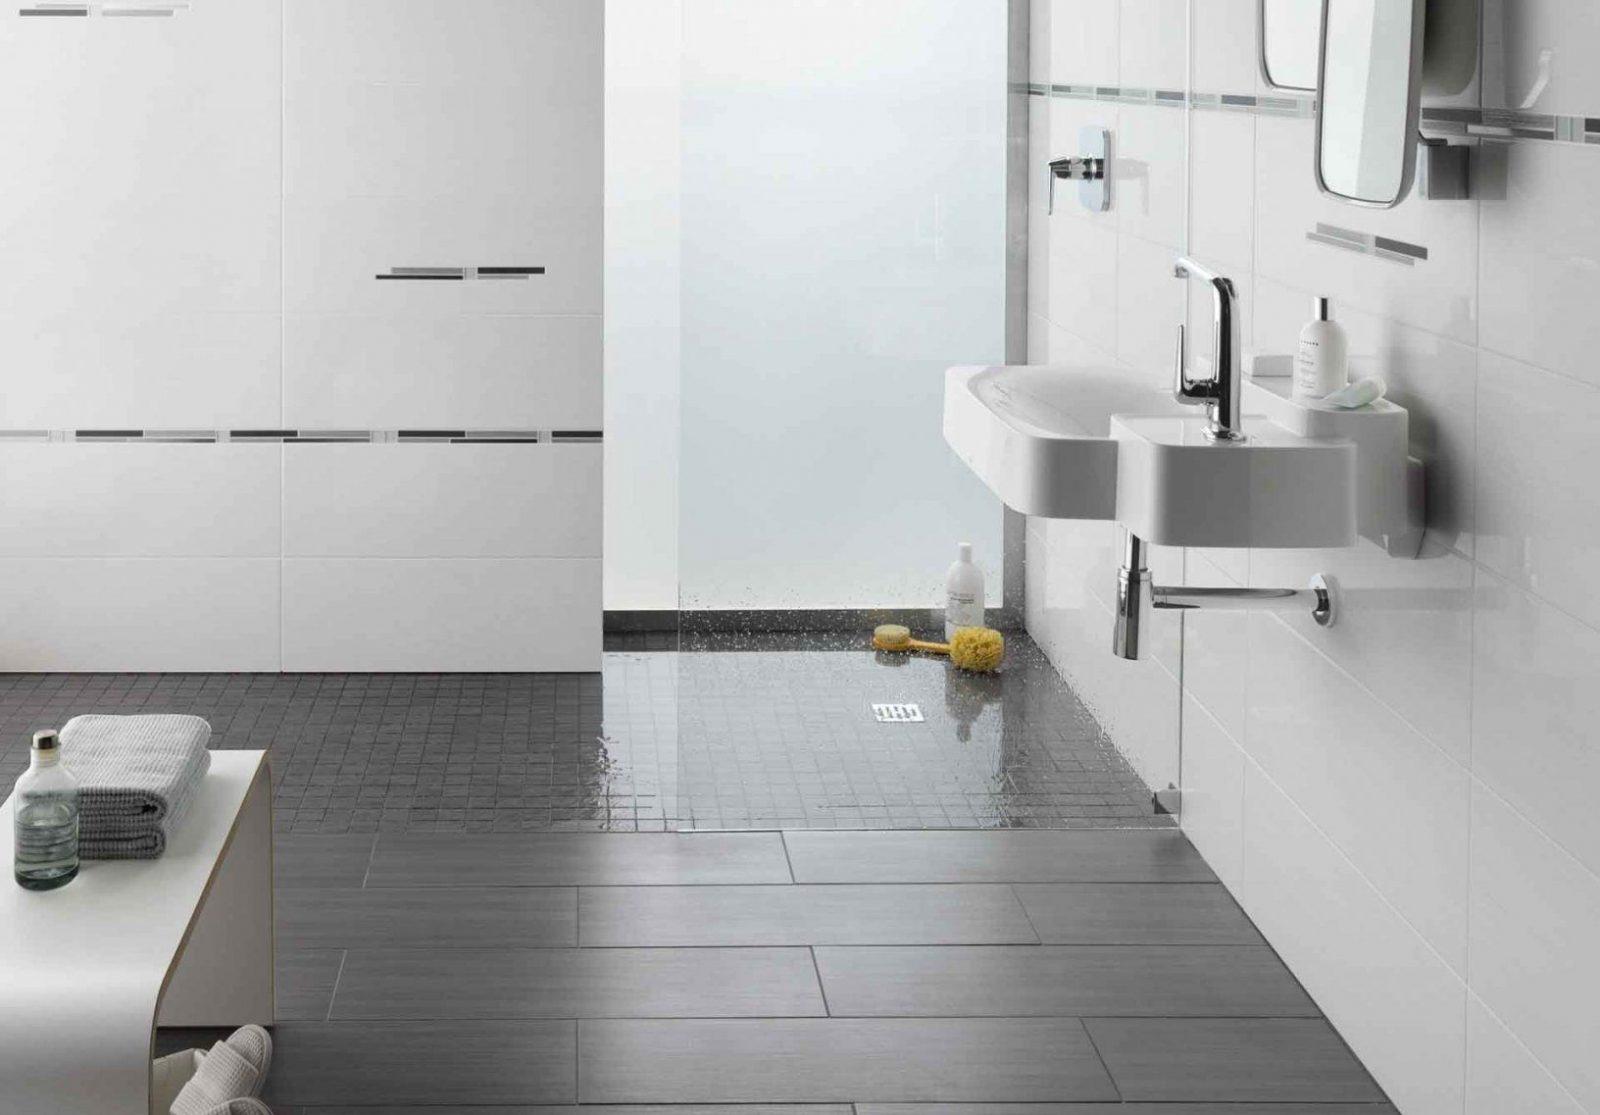 Fliesen Fürs Badezimmer Beispiele von Fliesen Fürs Bad Beispiele Bild